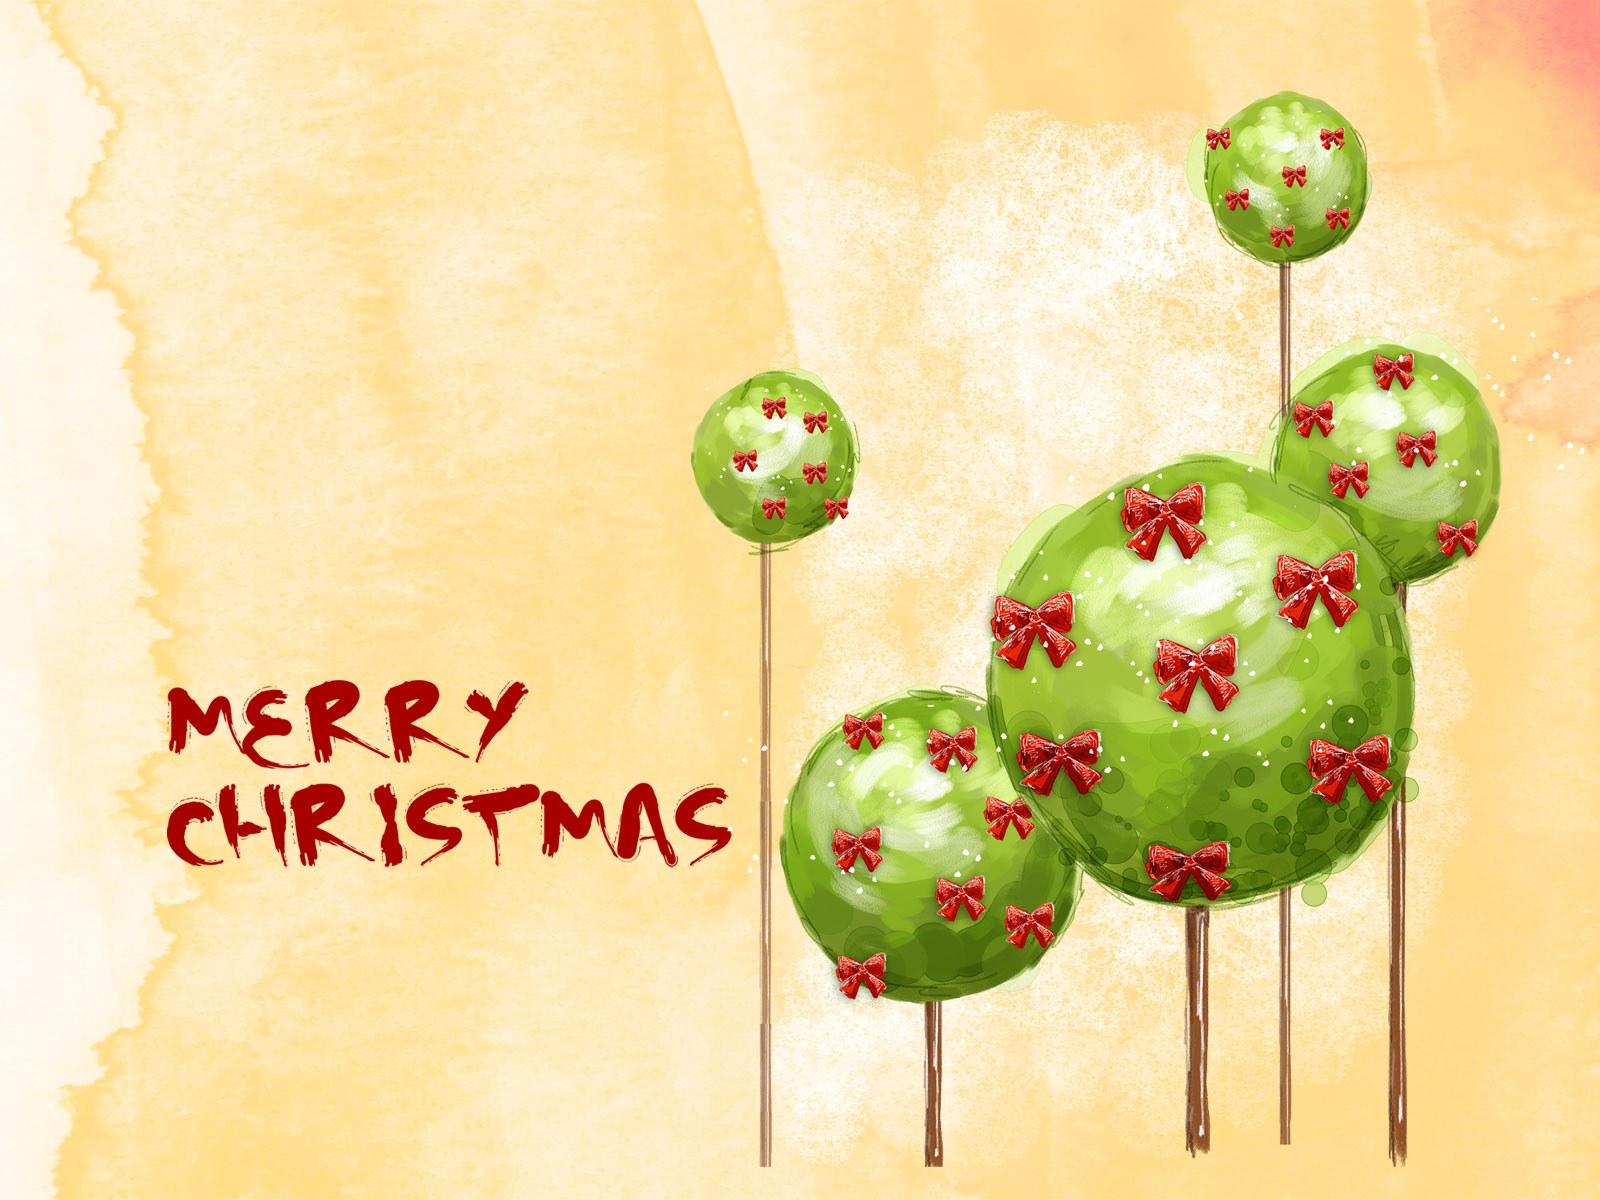 圣诞新年雪天高清背景图片素材